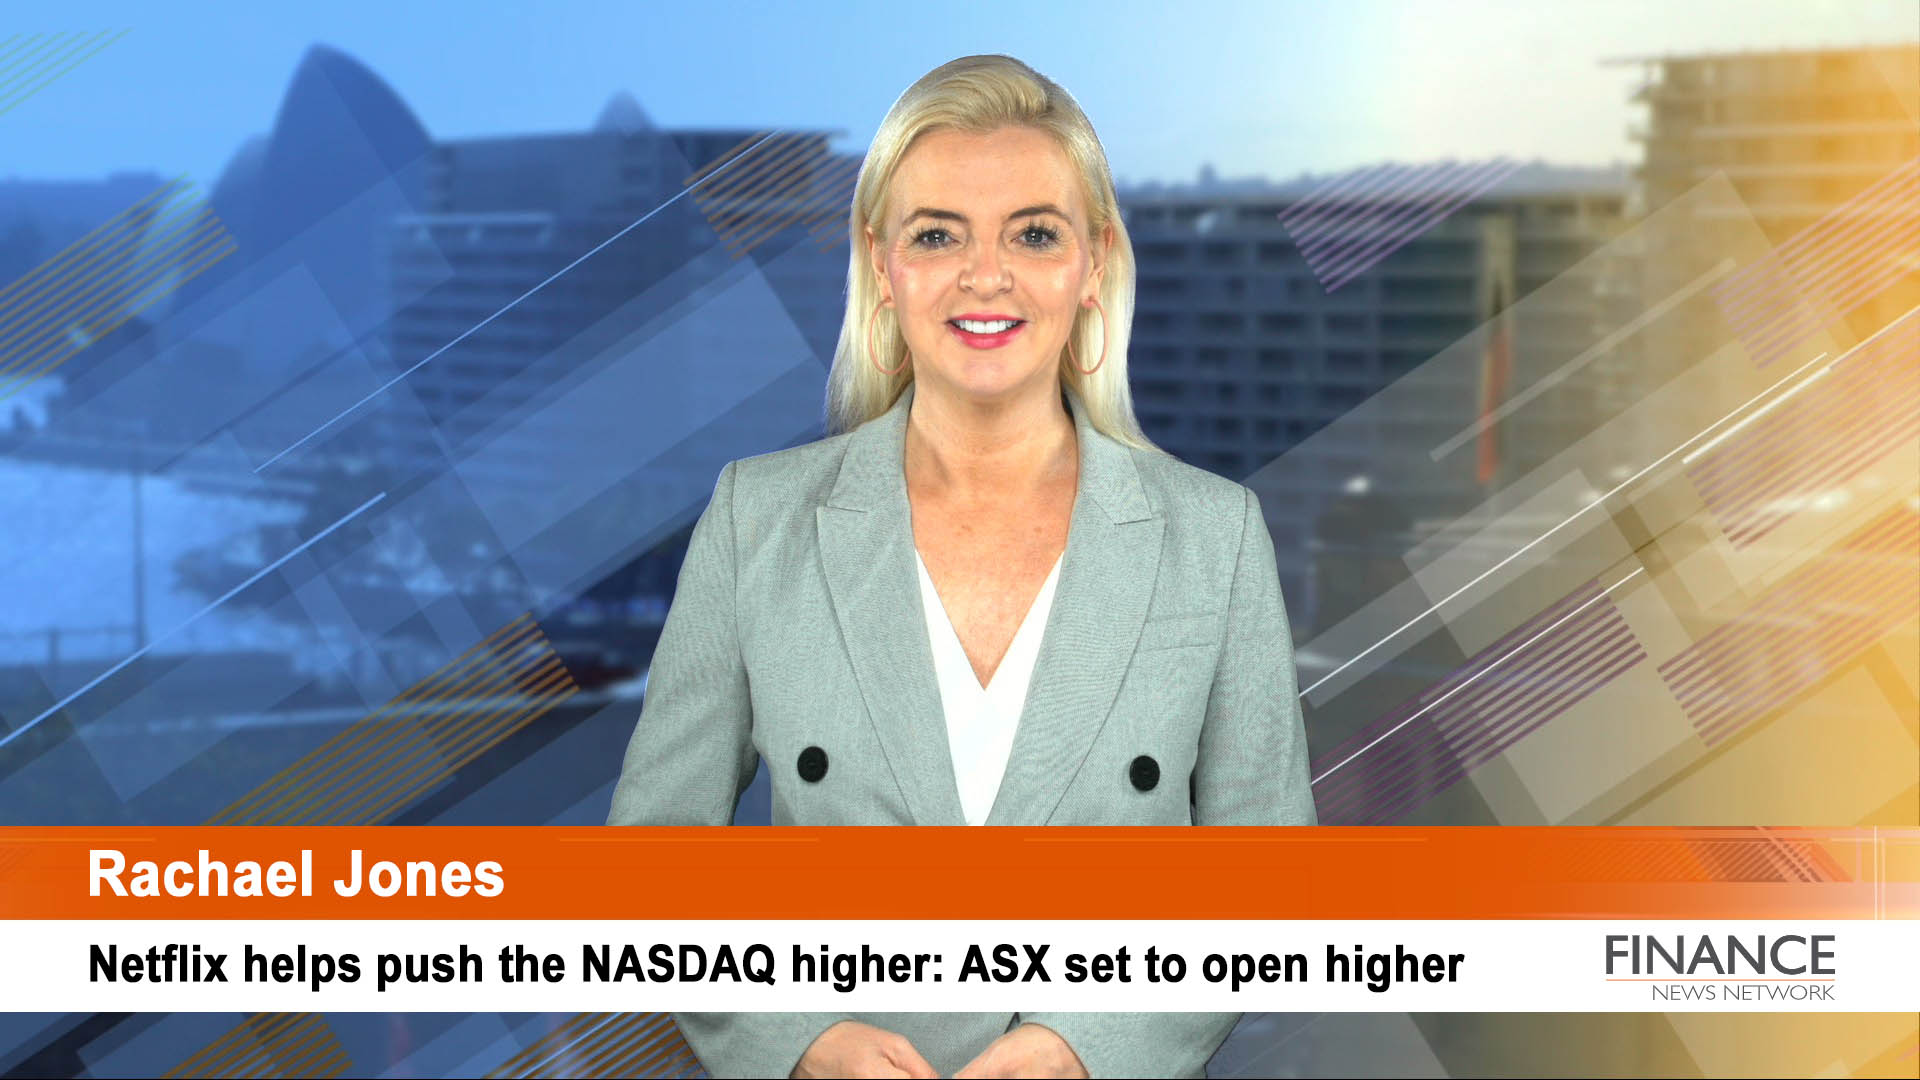 Netflix helps push the NASDAQ higher: ASX set to open higher